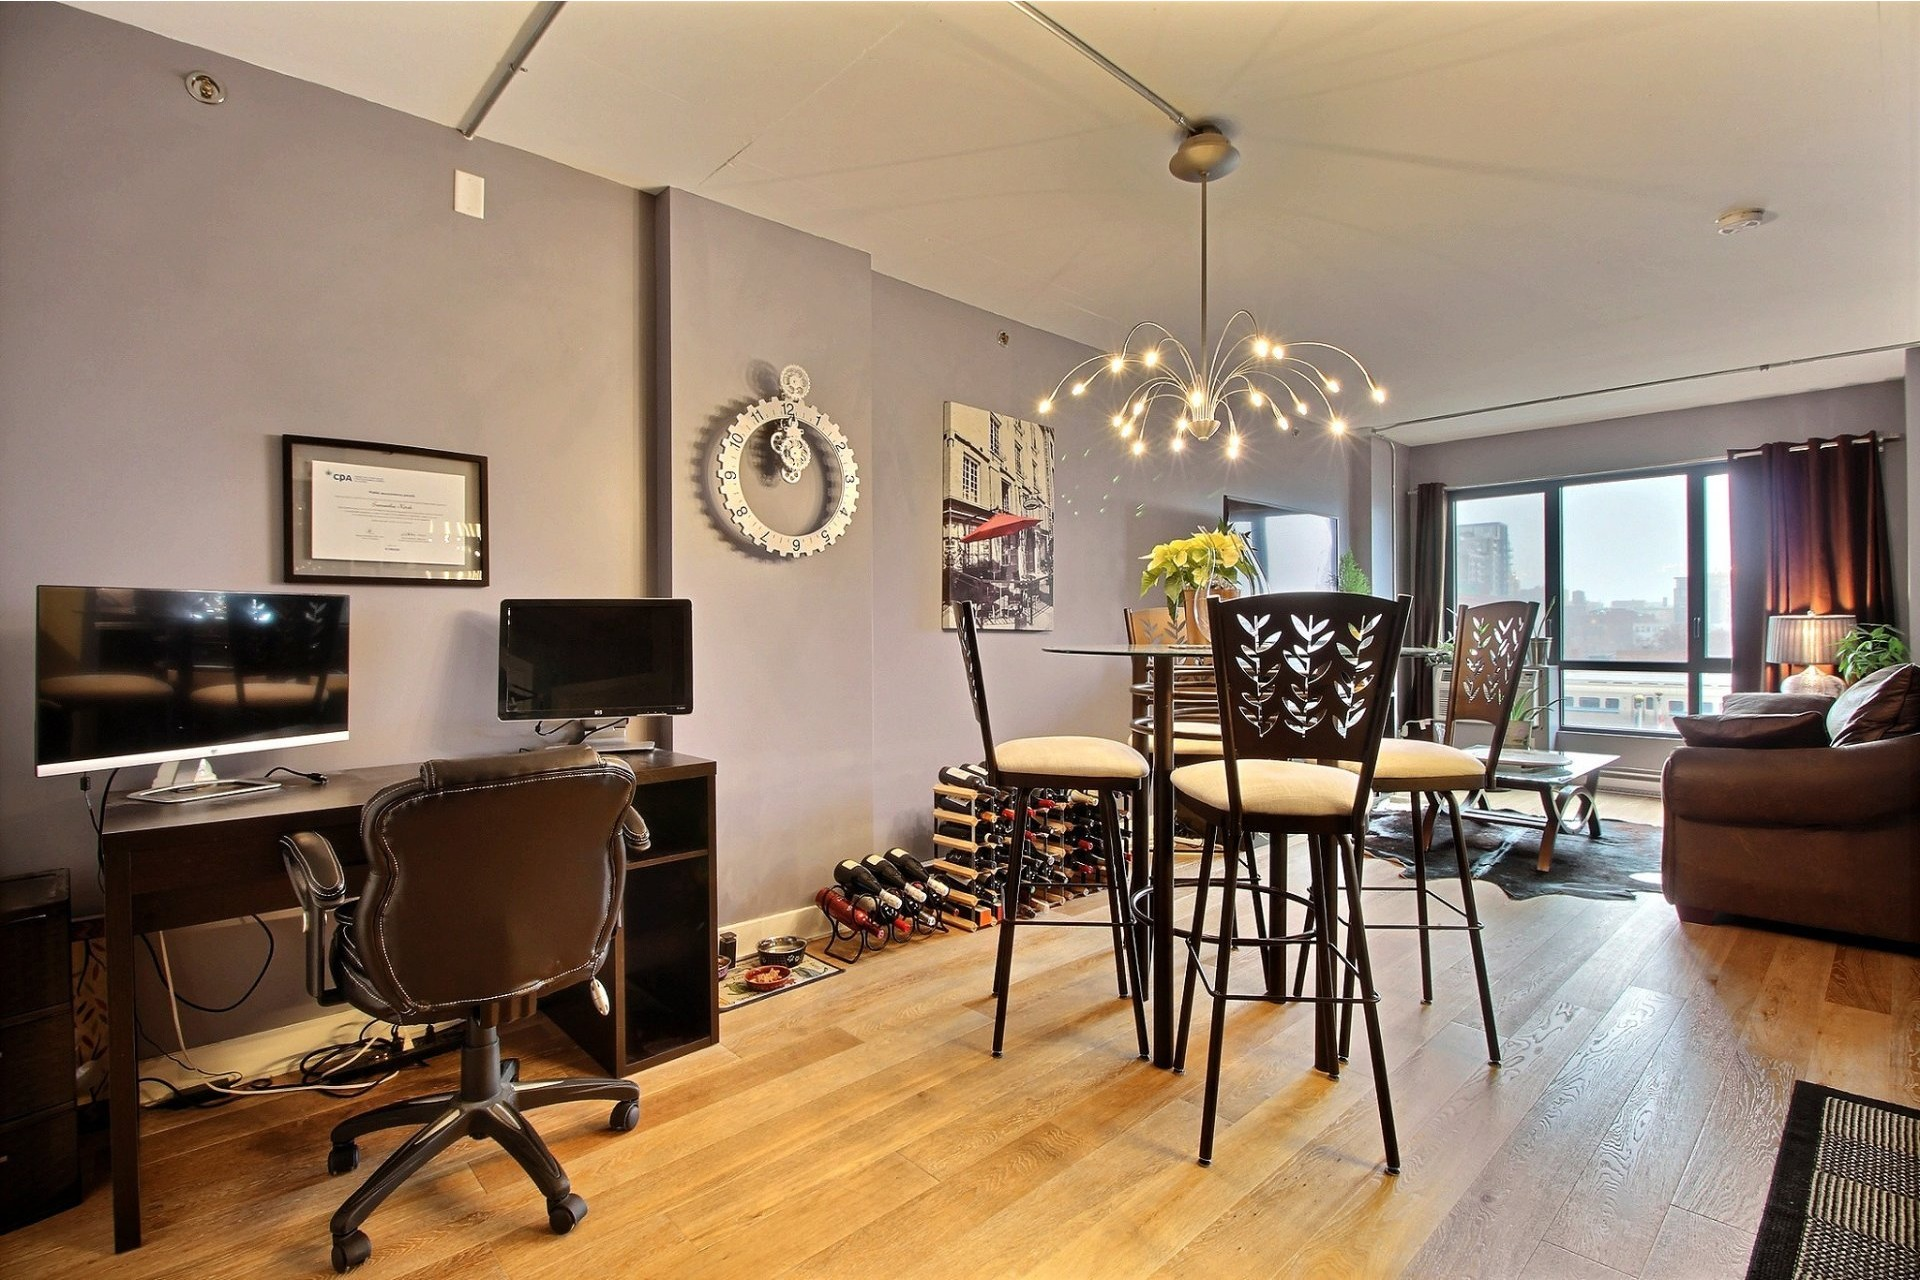 image 10 - Appartement À vendre Le Sud-Ouest Montréal  - 4 pièces